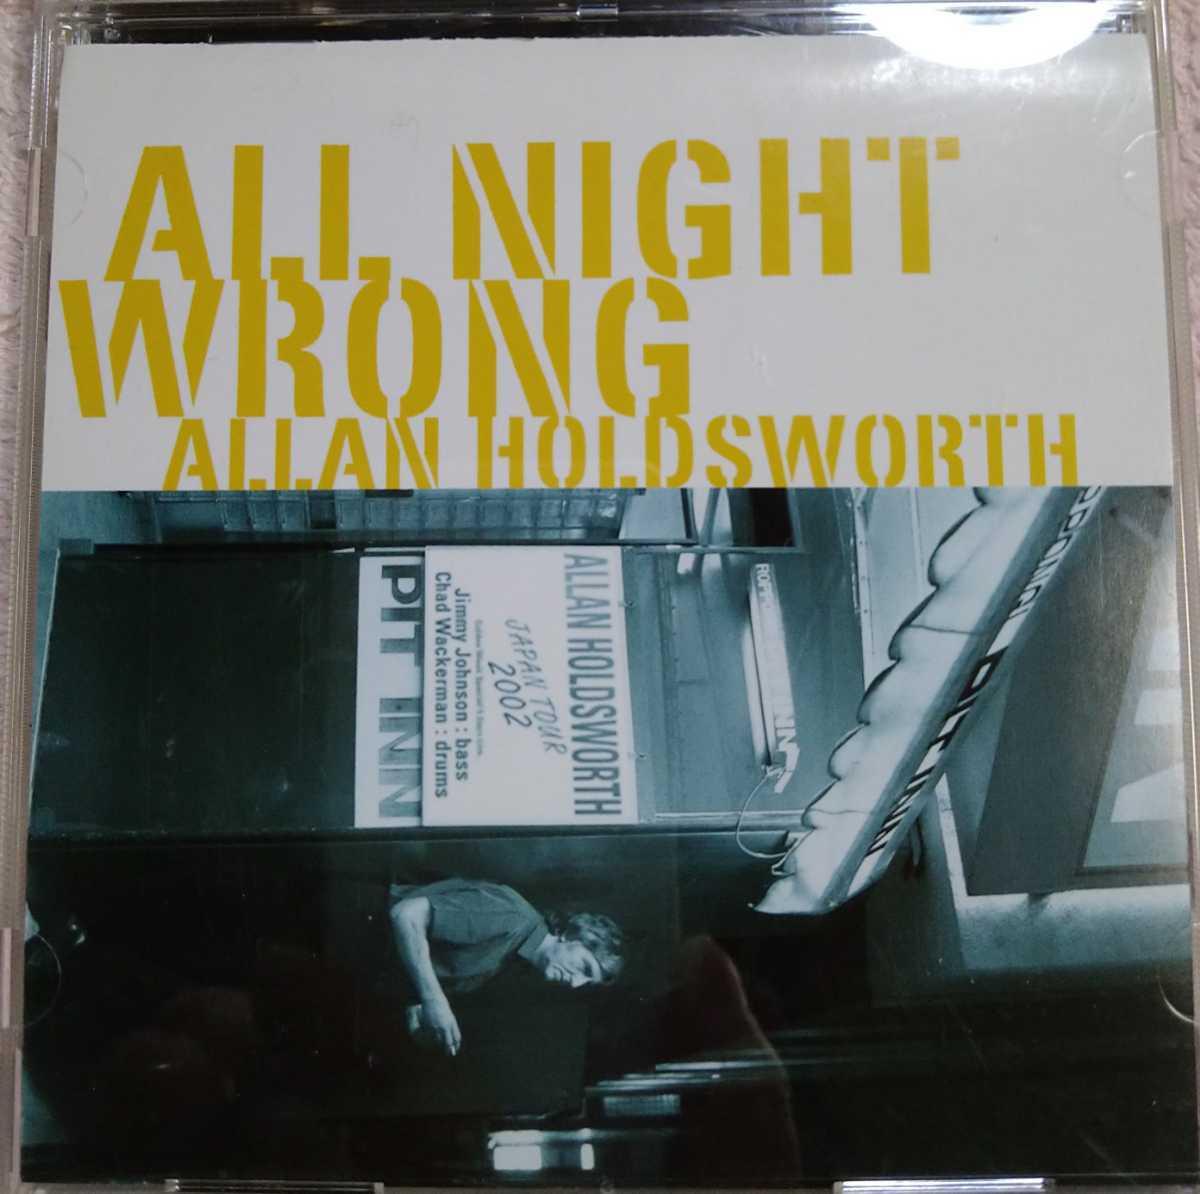 ライヴアルバム All Night Wrong アラン・ホールズワース 音質抜群&テクニック最高 Allan Holdsworth Pit Inn 中古CD_画像1